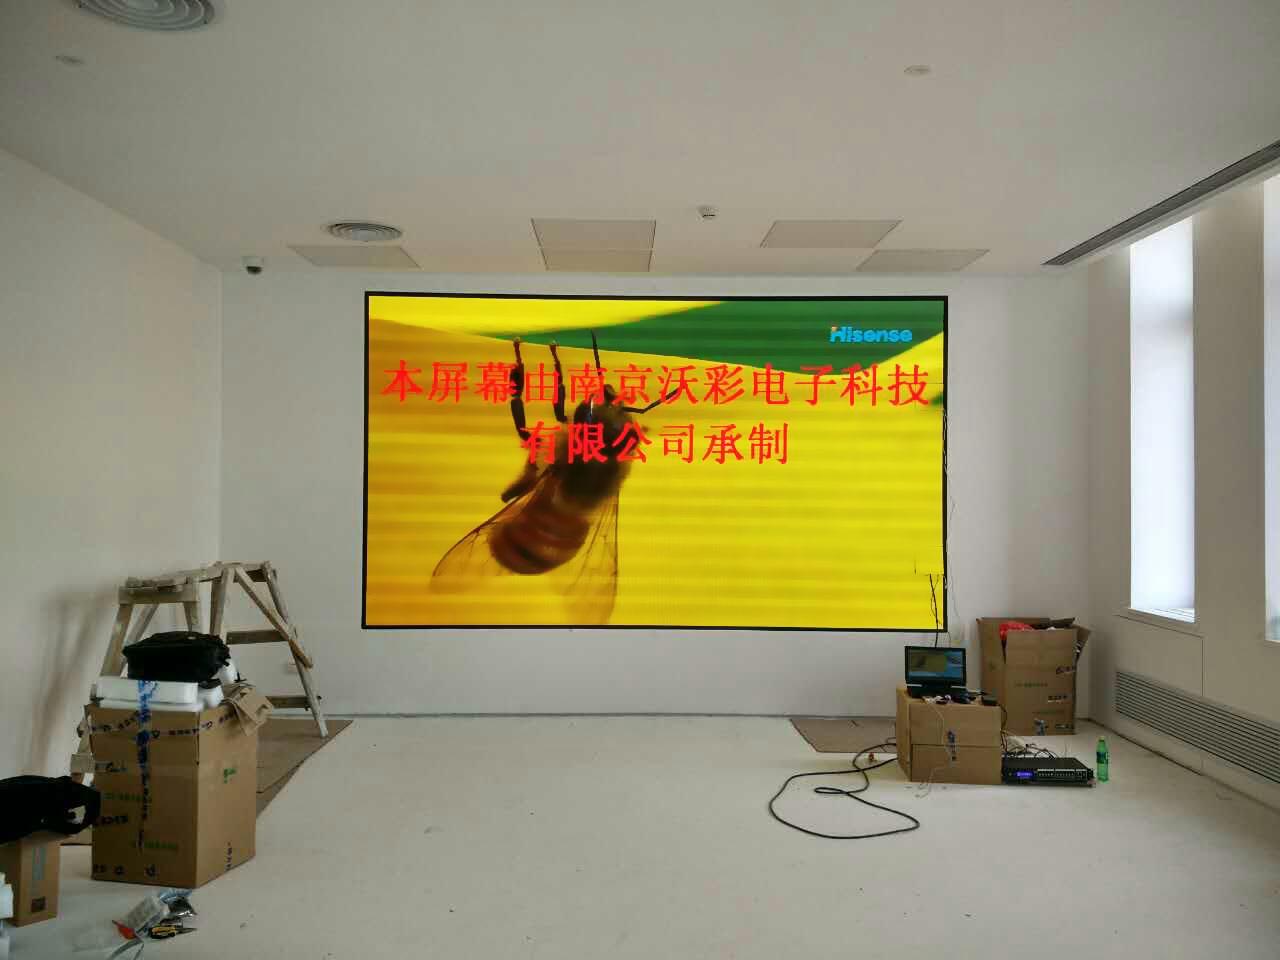 天津led全彩屏_天津宝骏涂料展厅室内P3全彩显示屏 - LED显示屏|LCD液晶拼接屏|小 ...